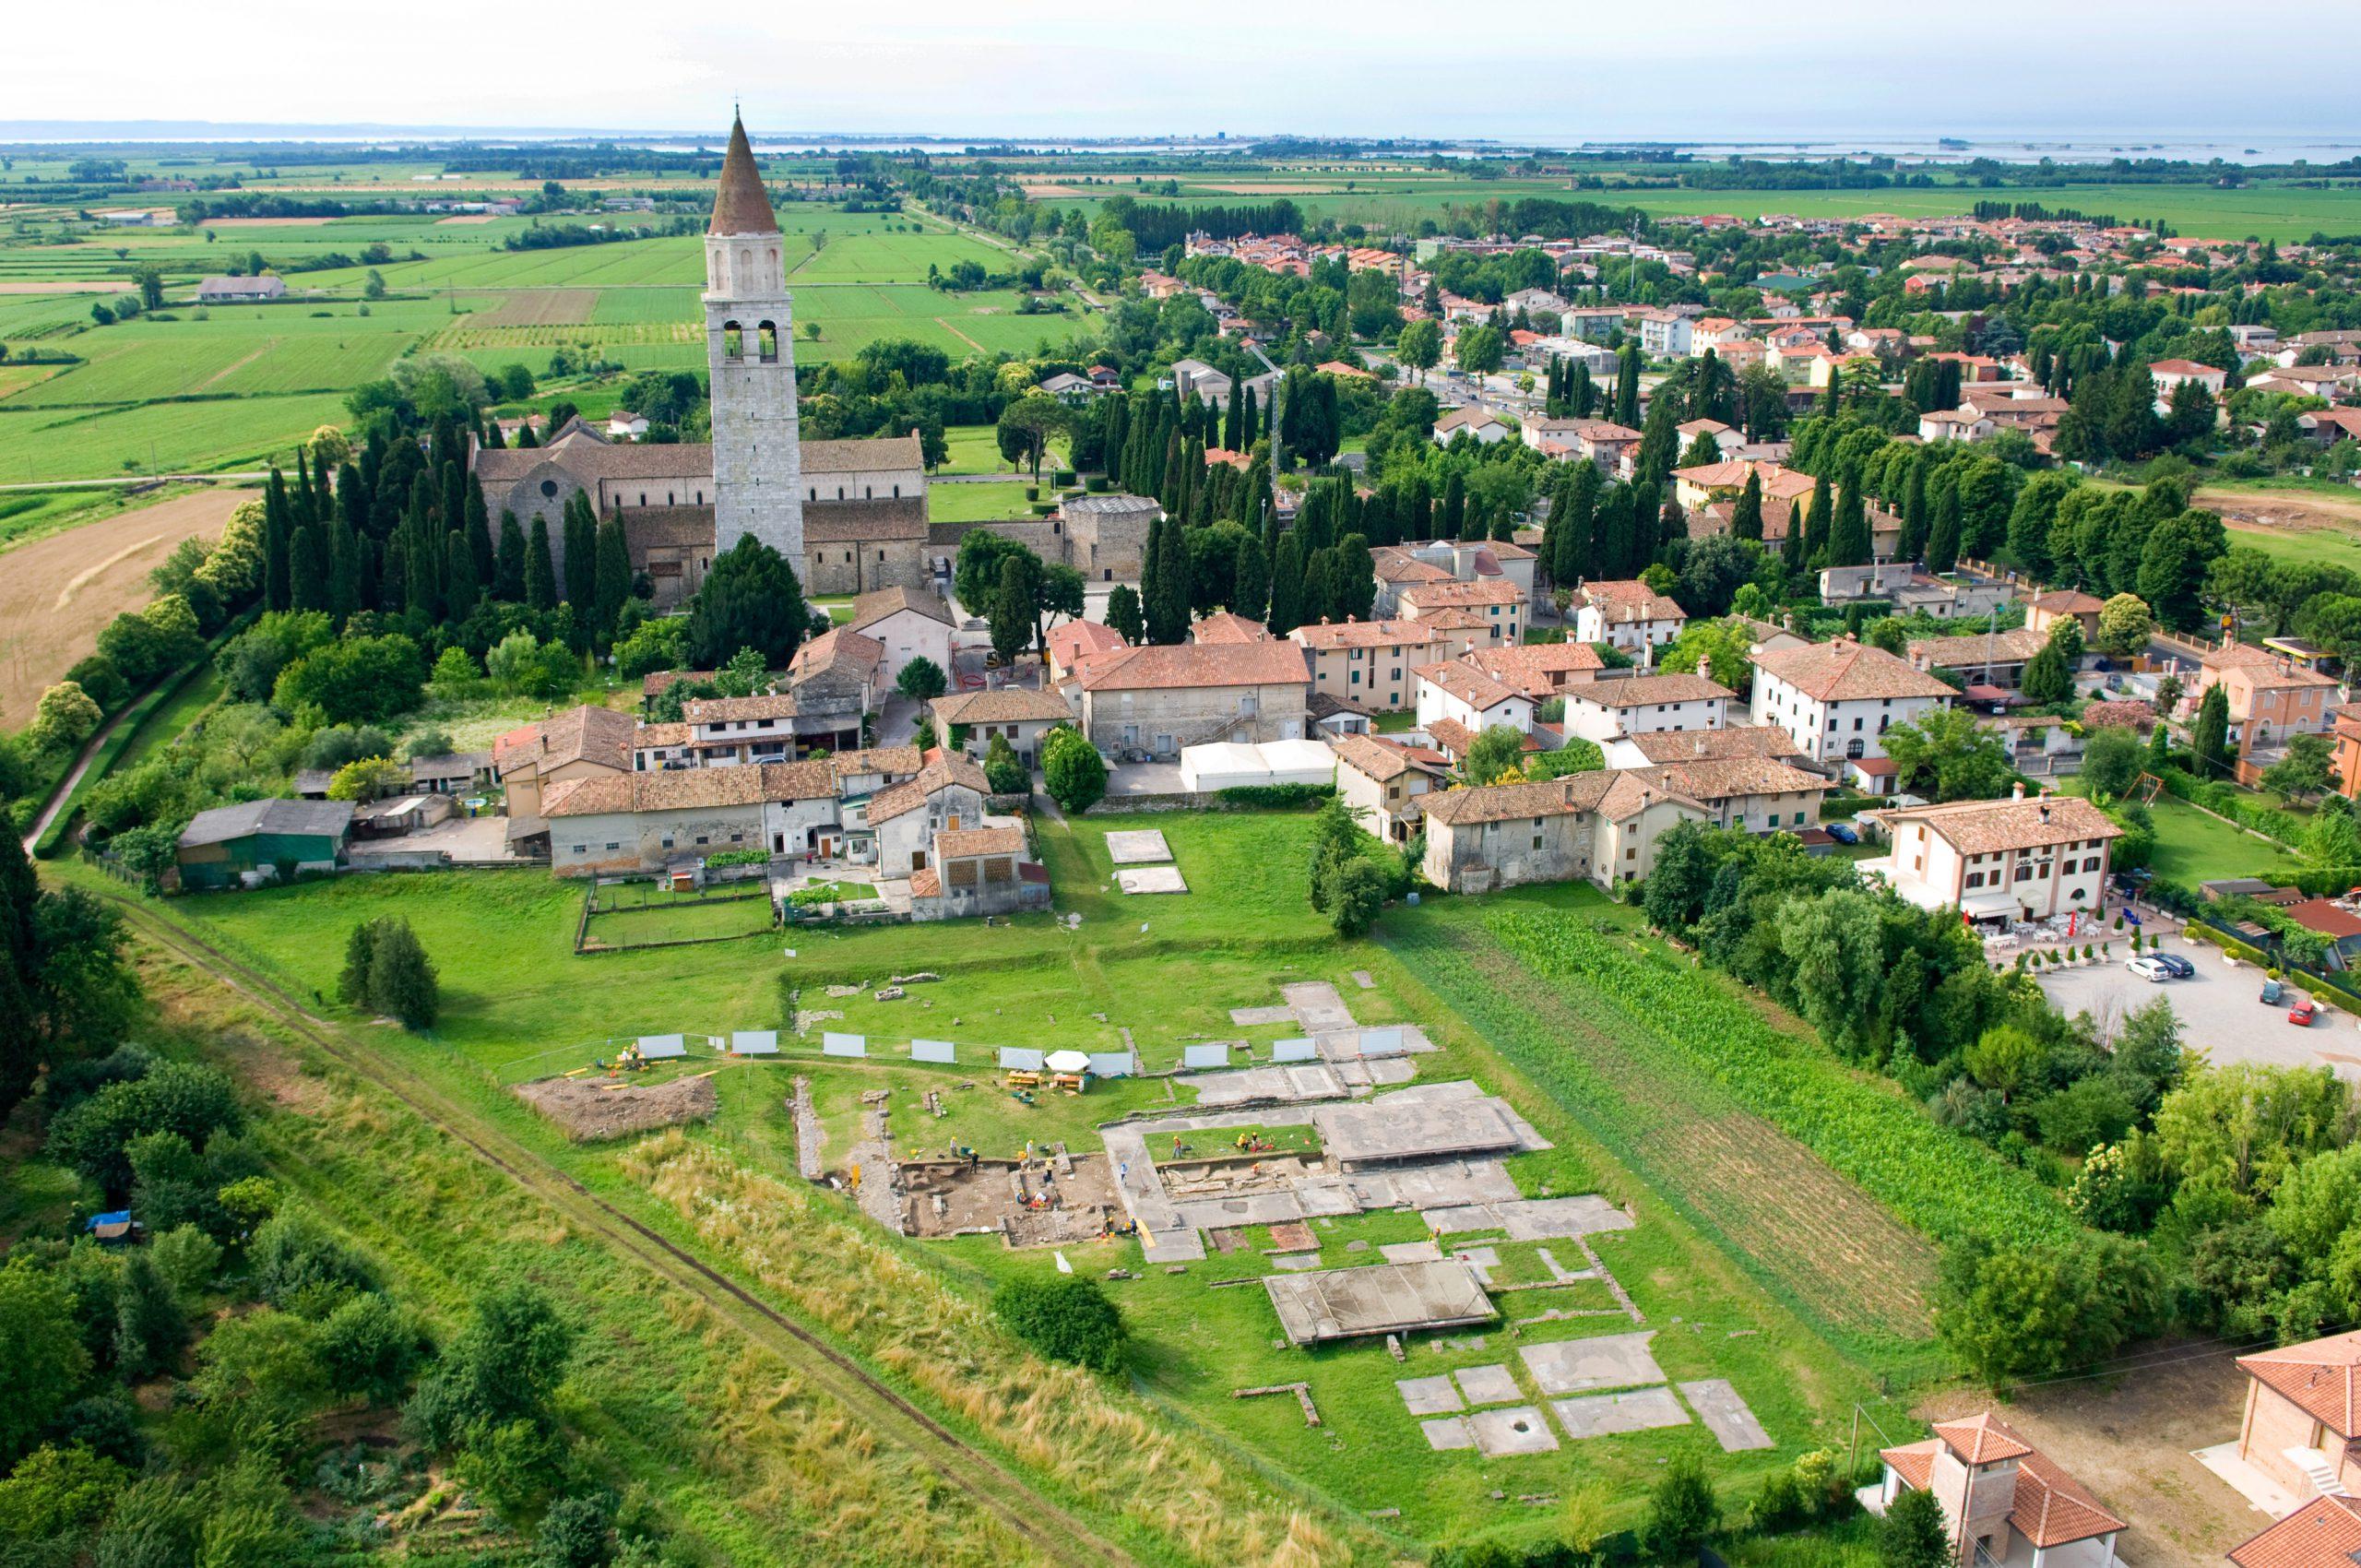 römische Ausgrabungen in Aquileia - ein aufrengeder Ausflug im Radurlaub